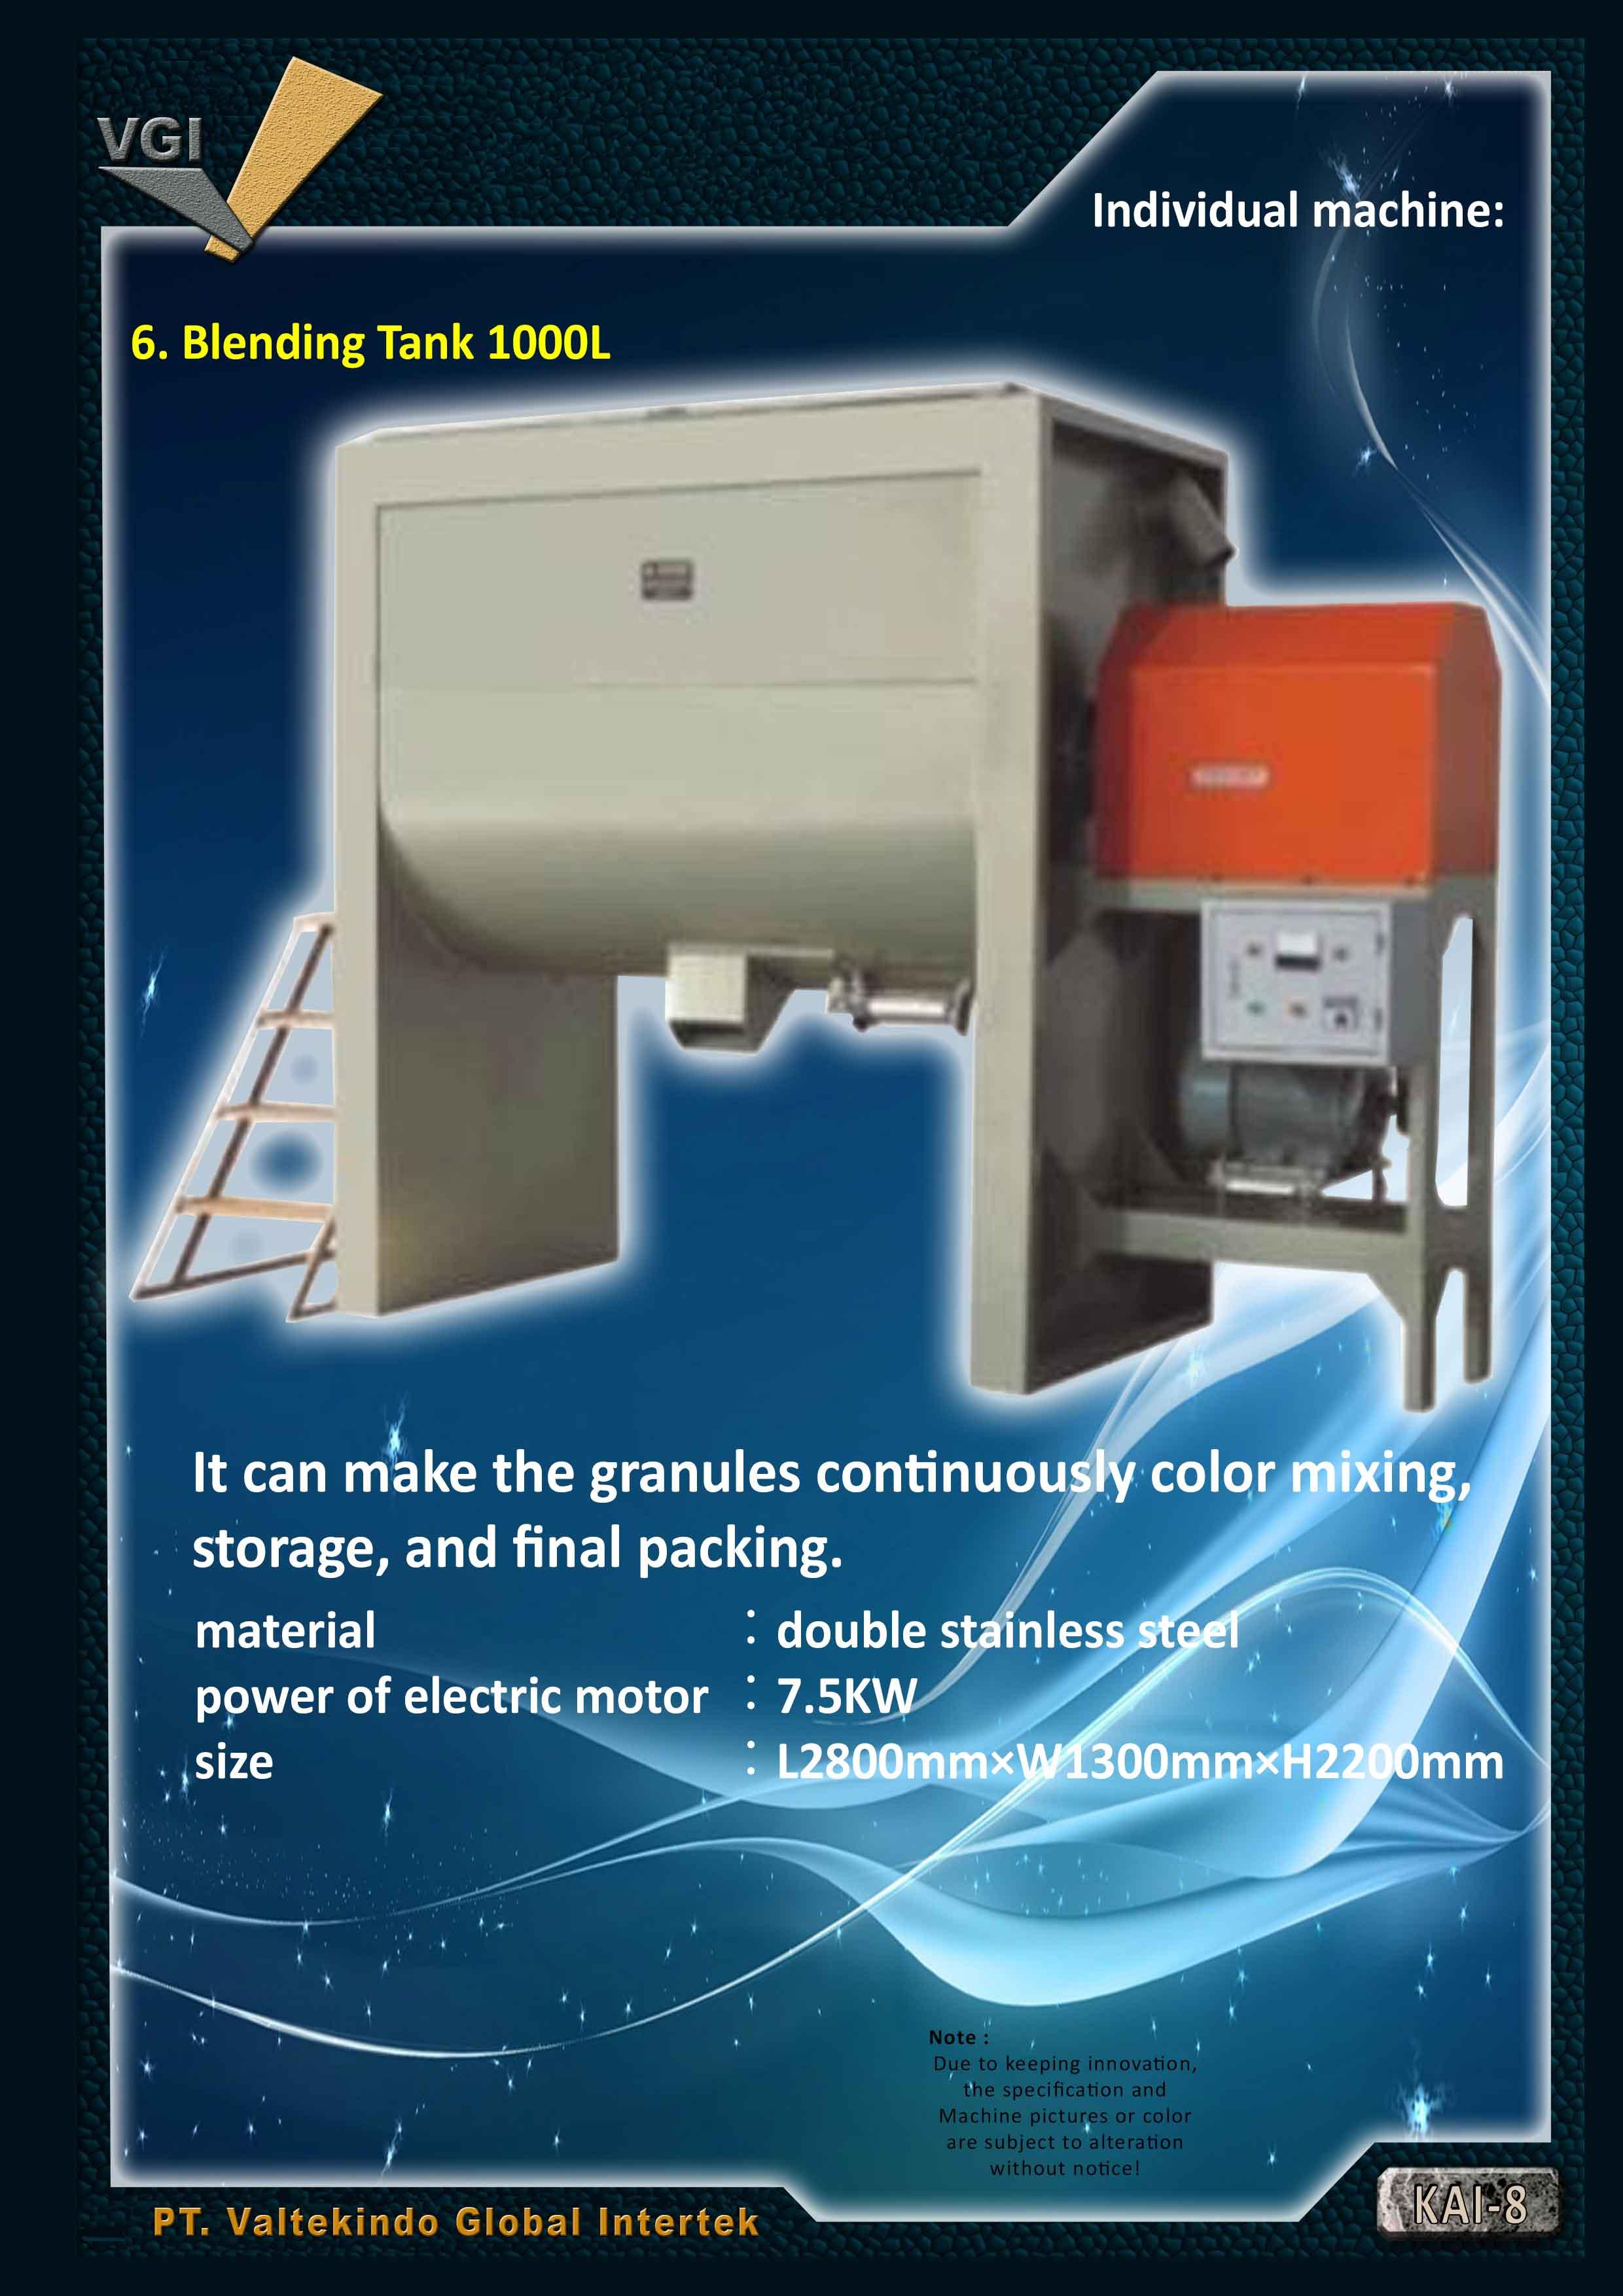 jual mesin Pembuat biji karet 100 s/d 150Kg per hour 7 Pembuat biji karet 100 s/d 150Kg per hour 7